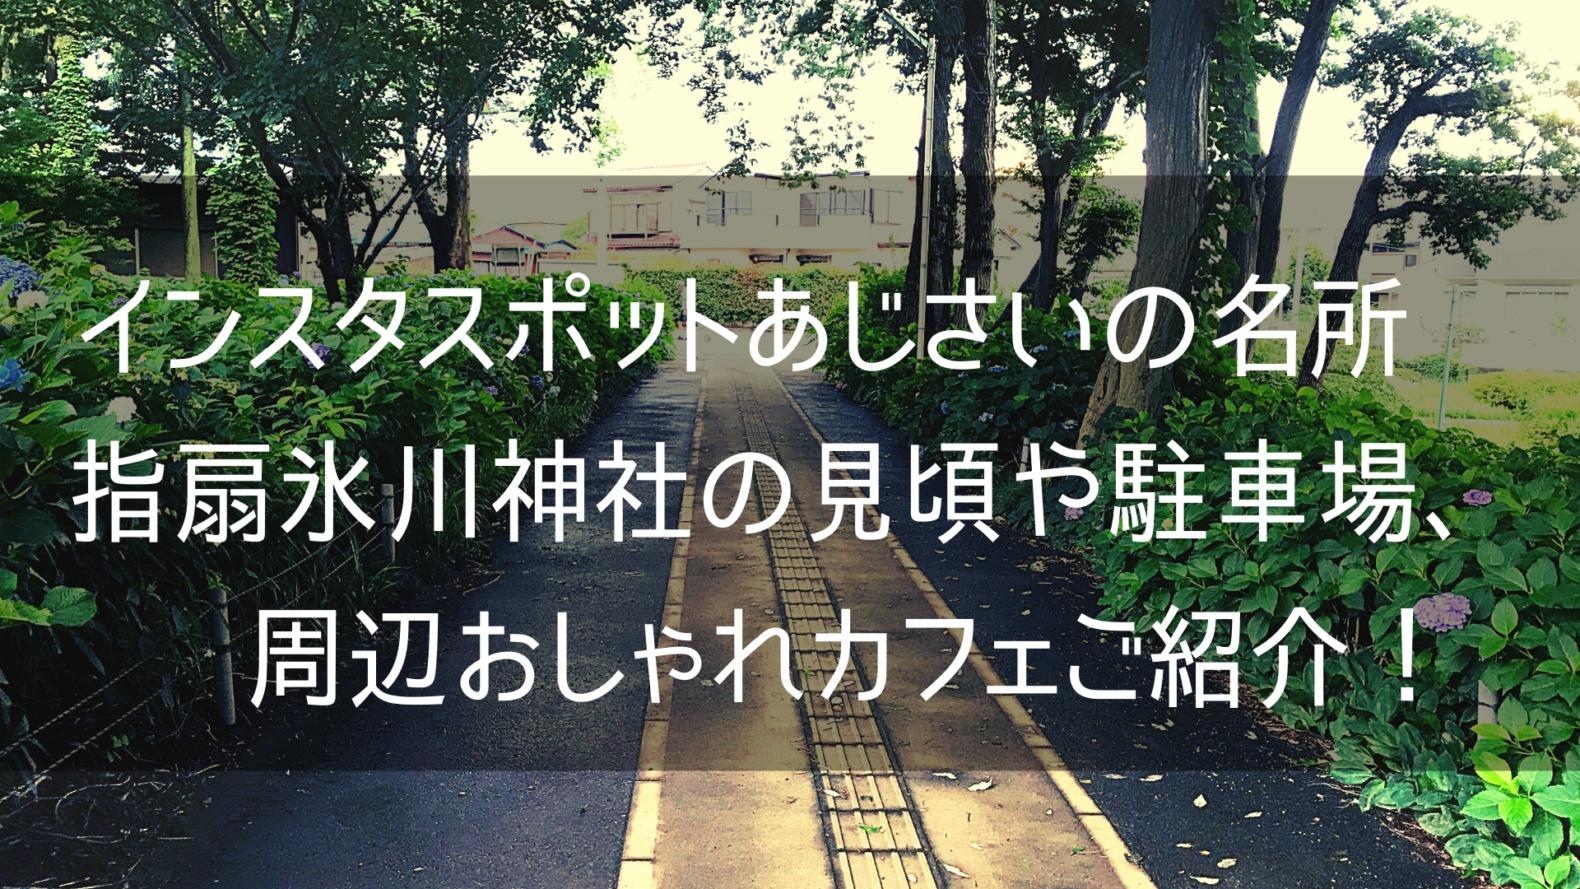 指扇氷川神社ブログ記事アイキャッチ画像